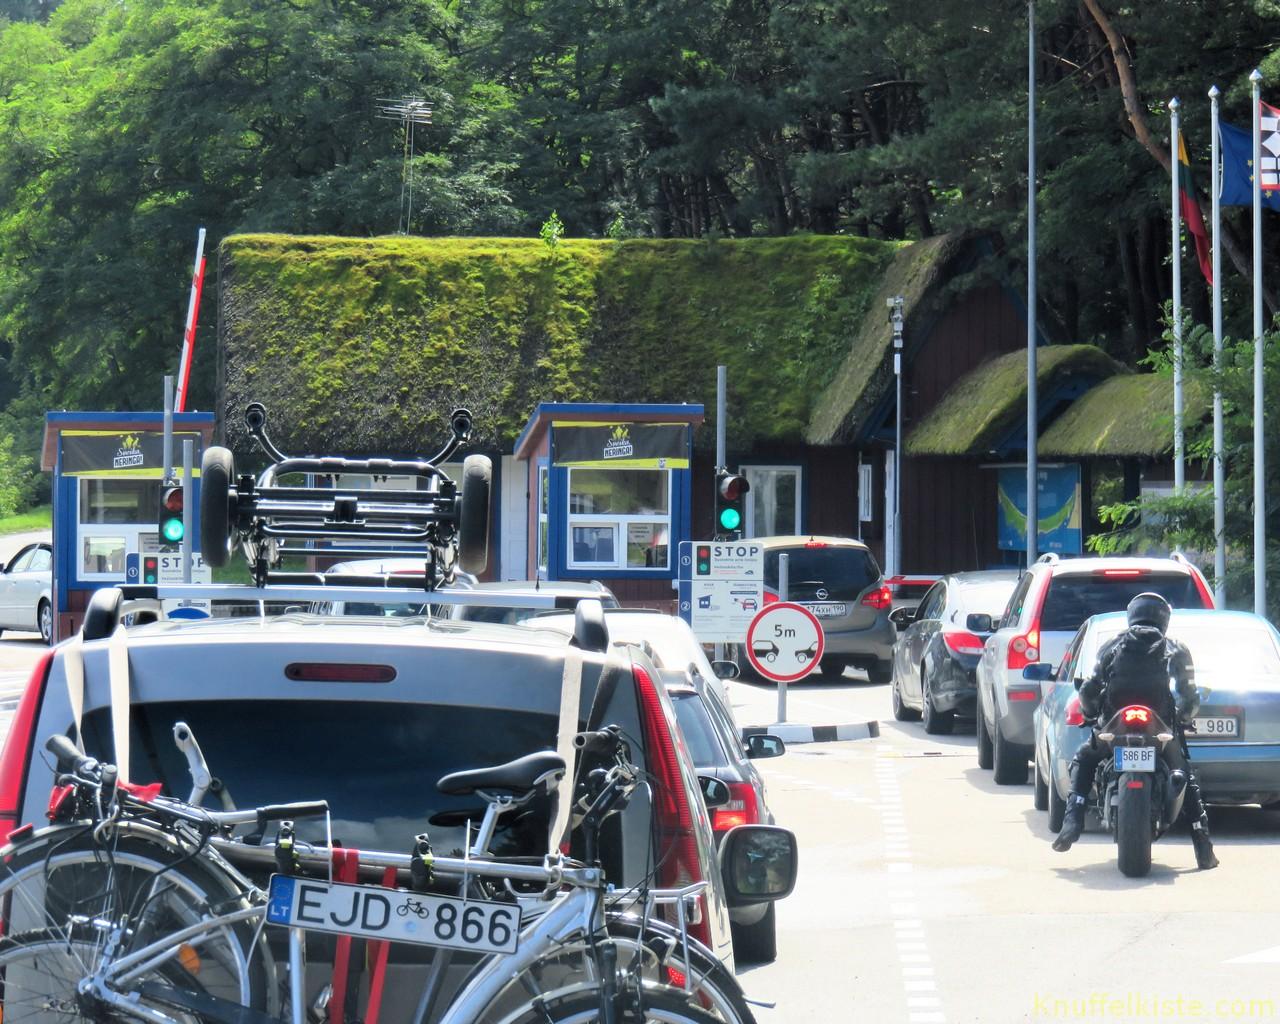 Zahlstation -Eingang Nationalpark Kurische Nehrung!